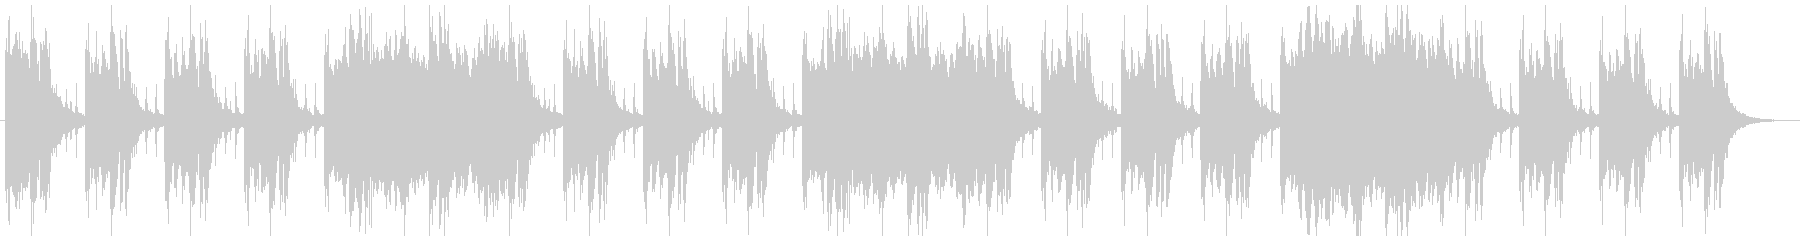 シネマチックな闇をイメージ 1分半BGMの未再生の波形